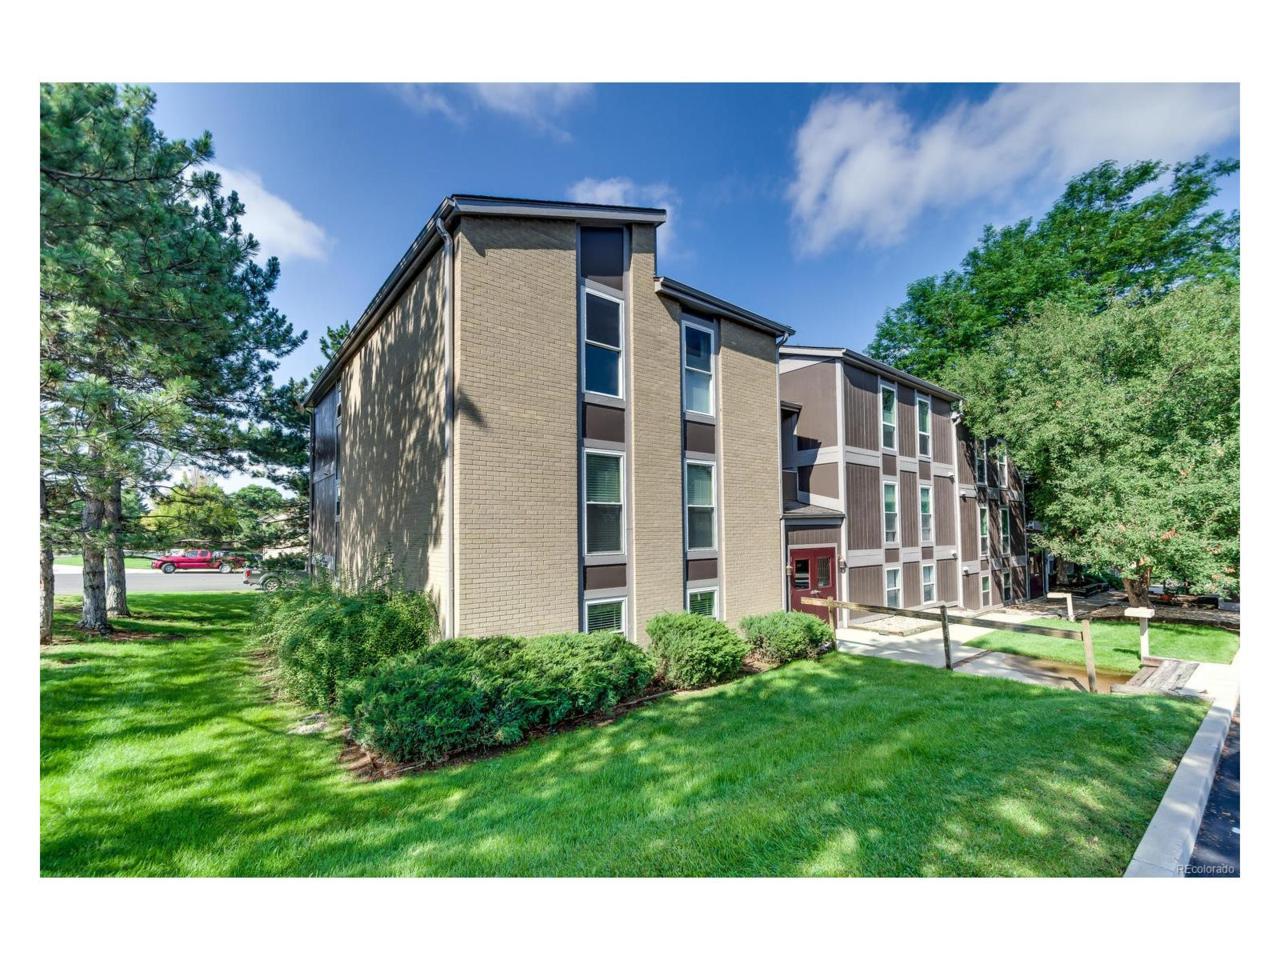 7336 S Xenia Circle E, Centennial, CO 80112 (MLS #2612705) :: 8z Real Estate